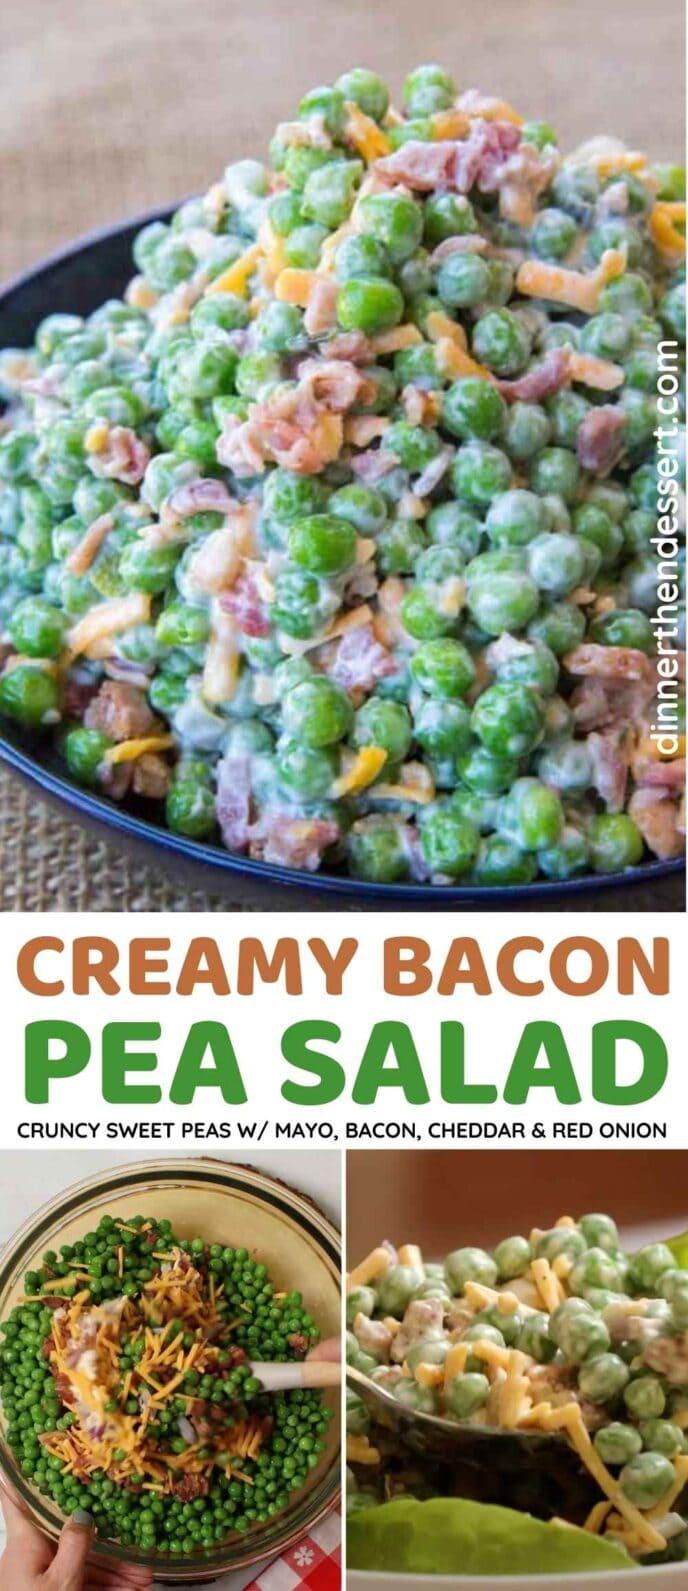 Creamy Bacon Pea Salad Collage